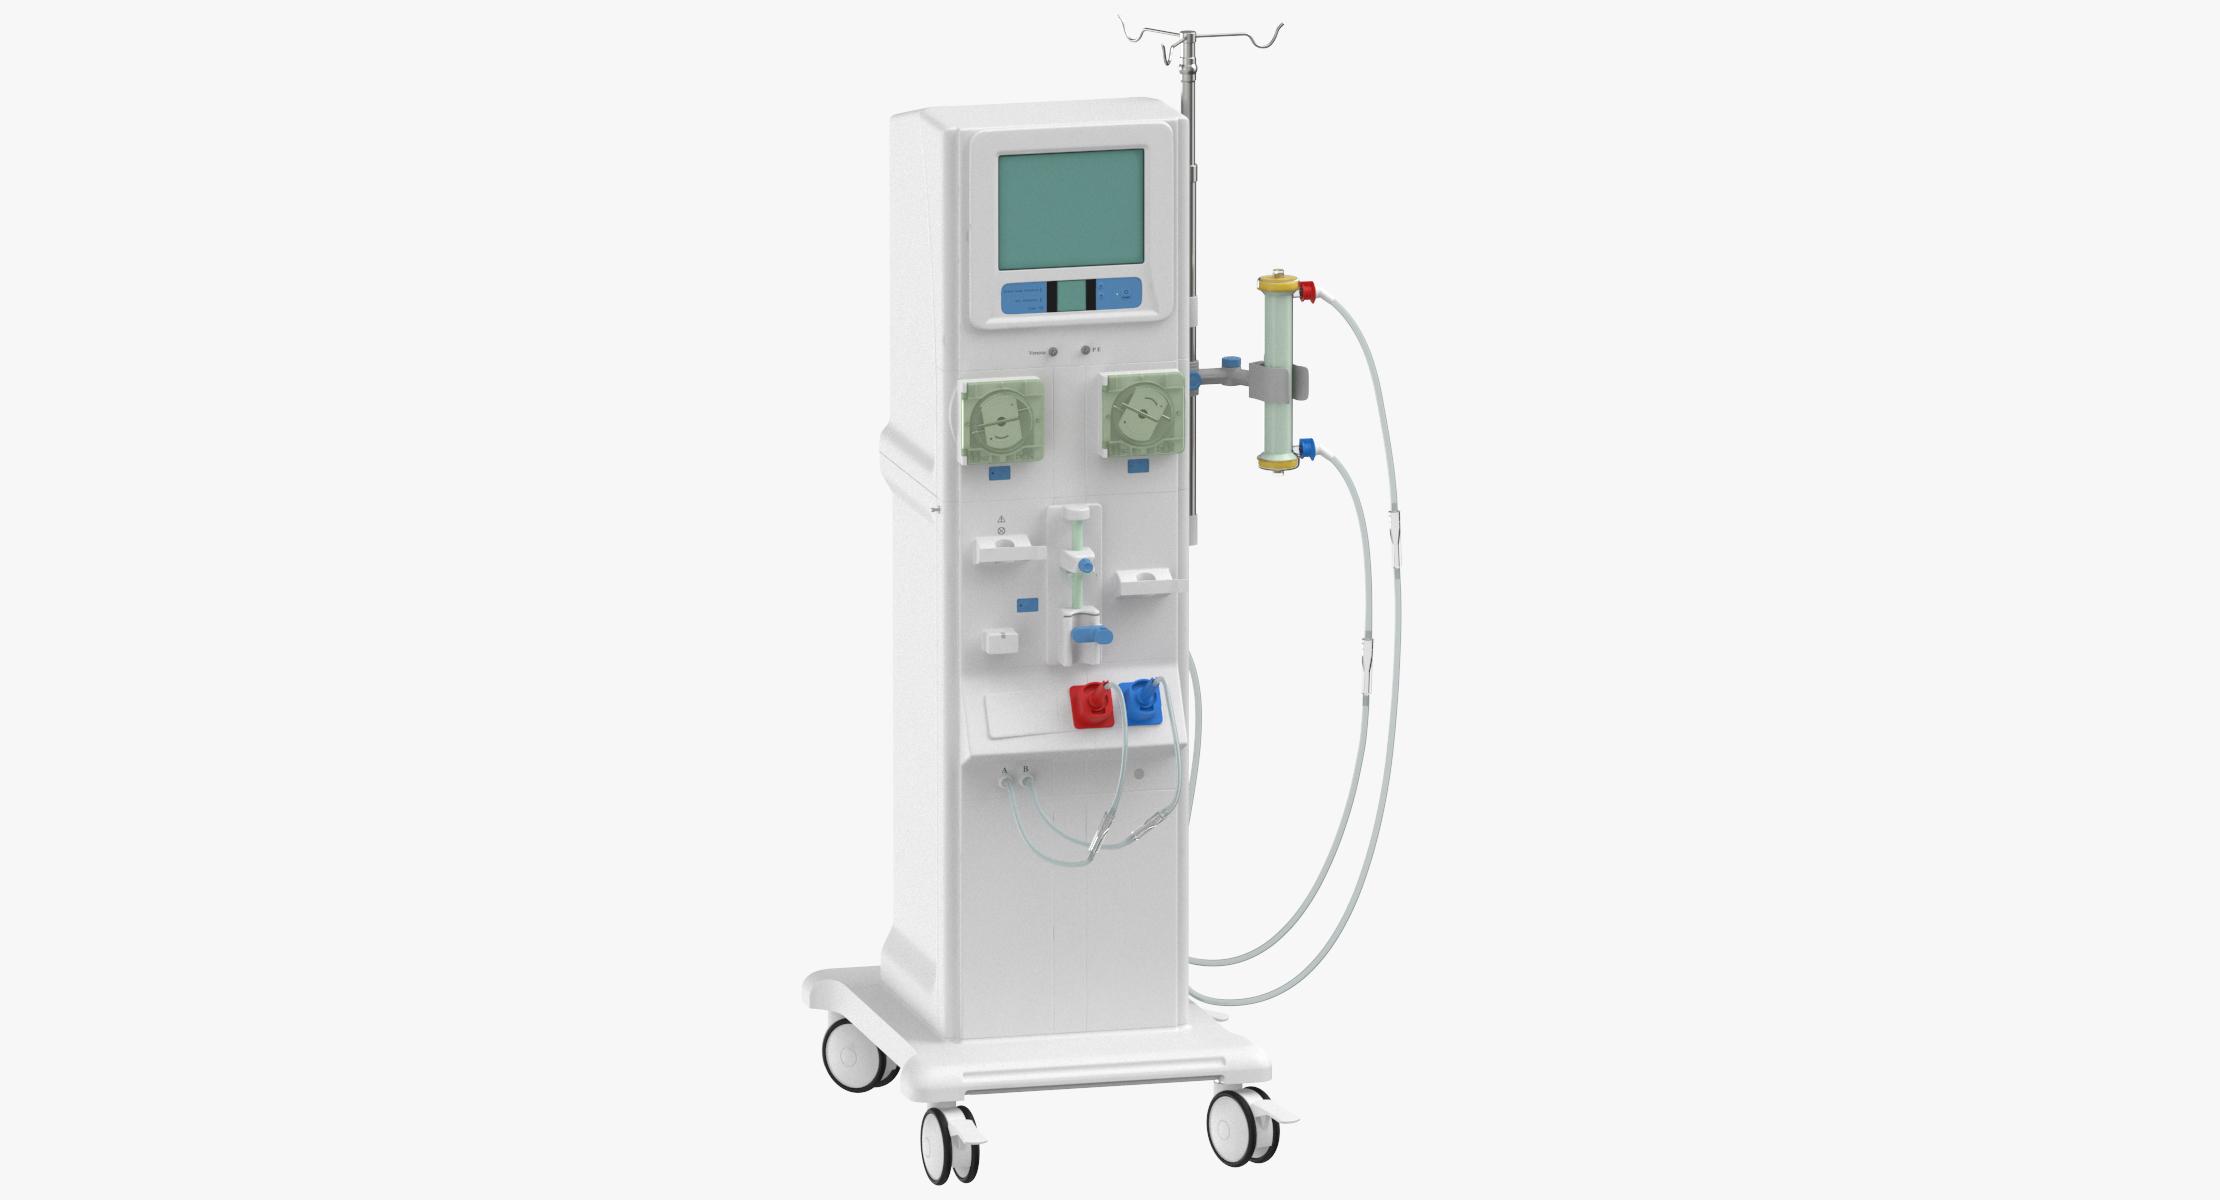 Dialysis machine 3D model - TurboSquid 1334709